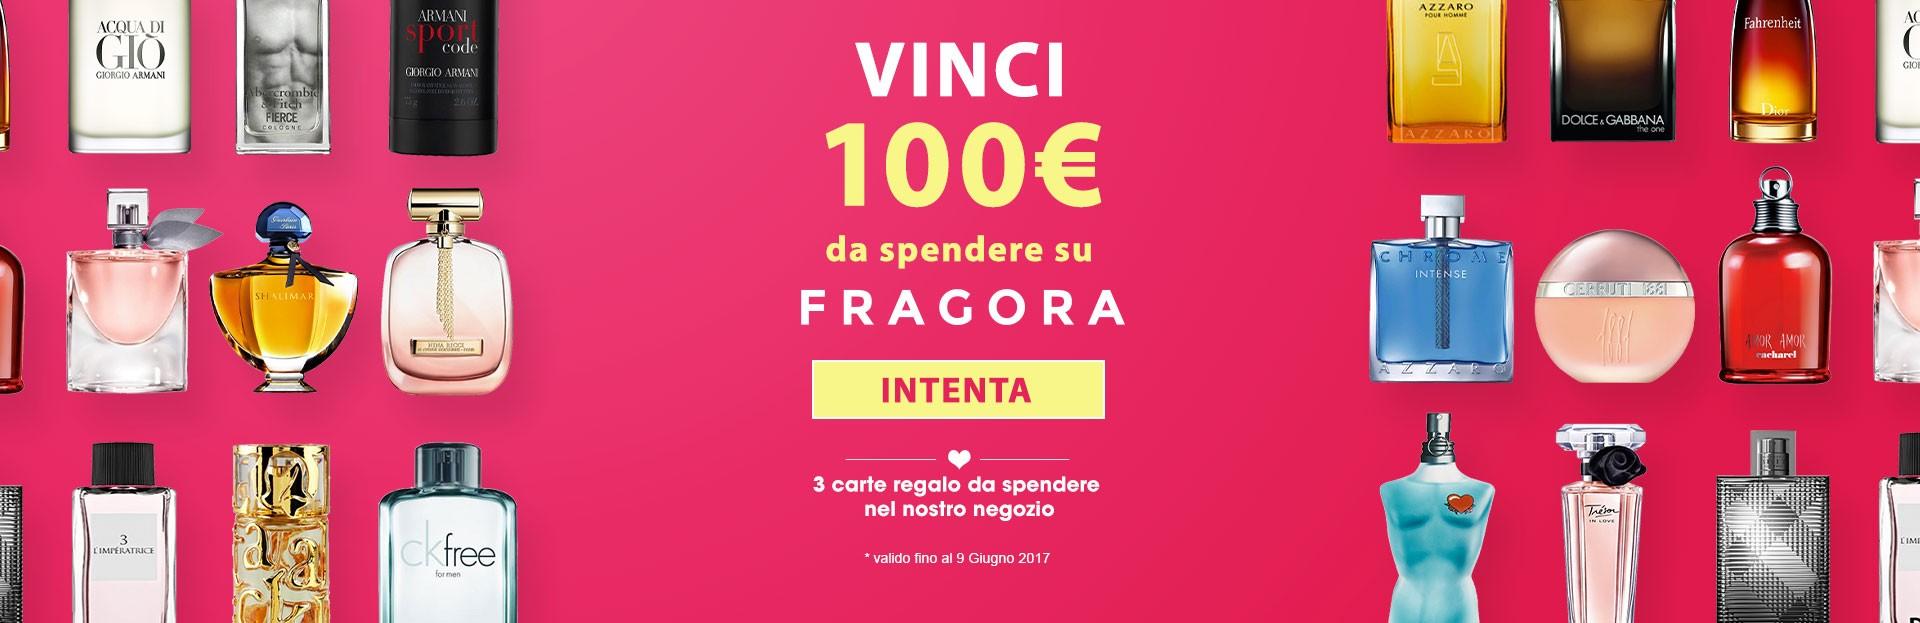 concorso a premi fragora profumeria online